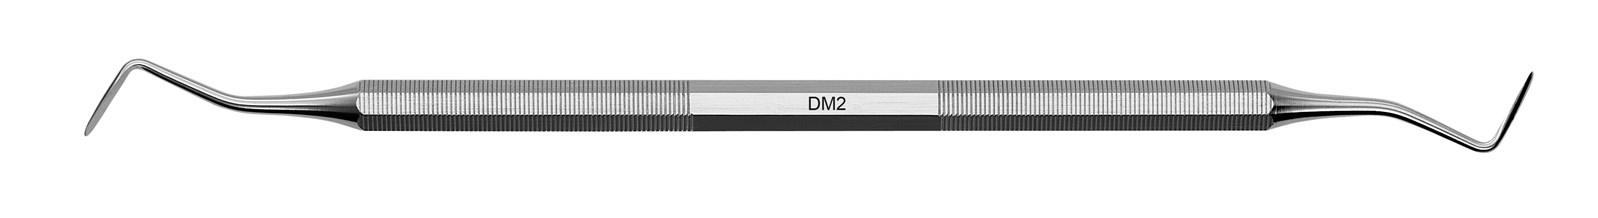 Lžičkové dlátko - DM2, ADEP fialový